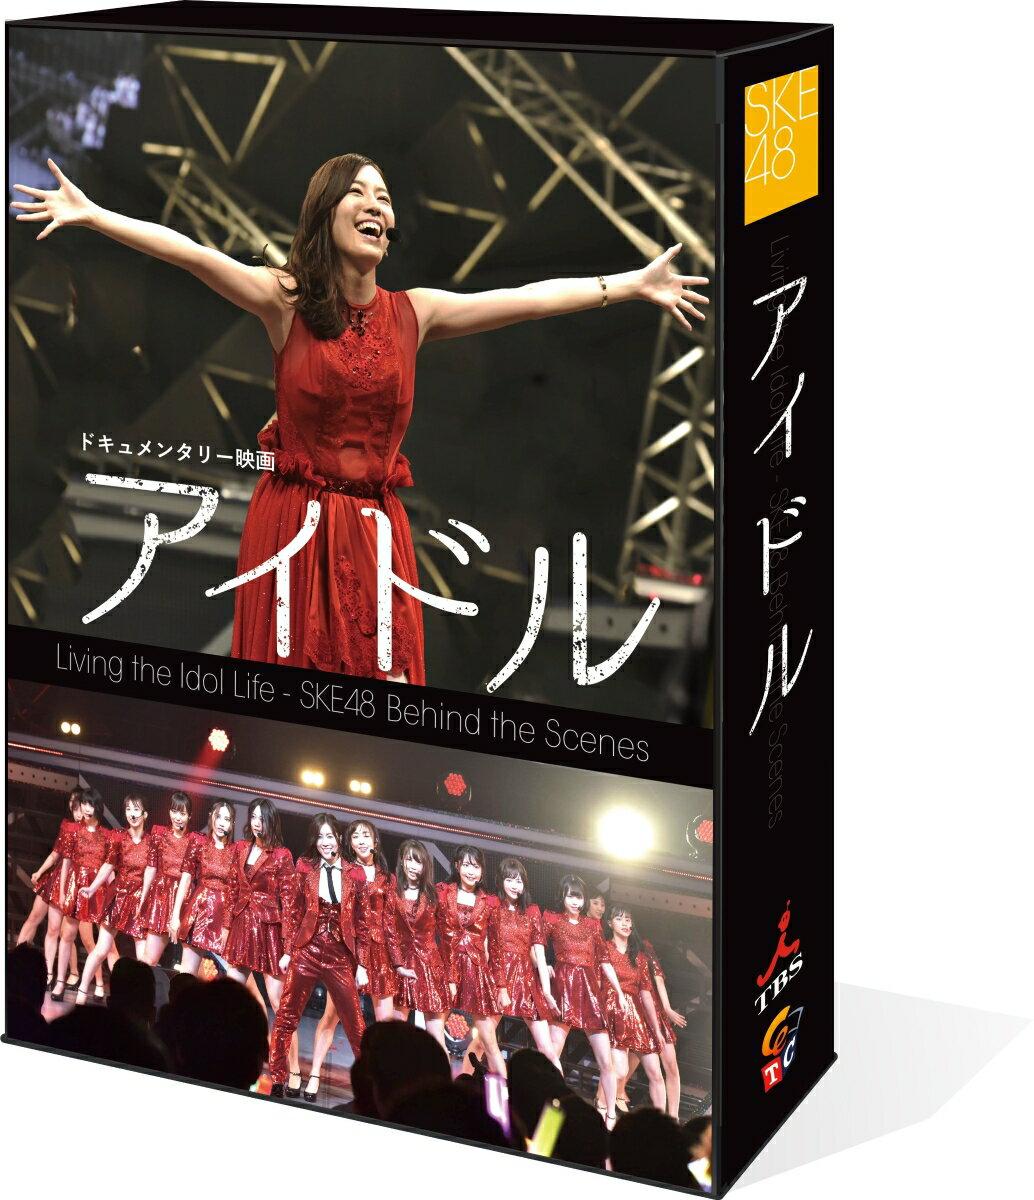 ドキュメンタリー映画「アイドル」 コンプリートBlu-ray BOX【Blu-ray】